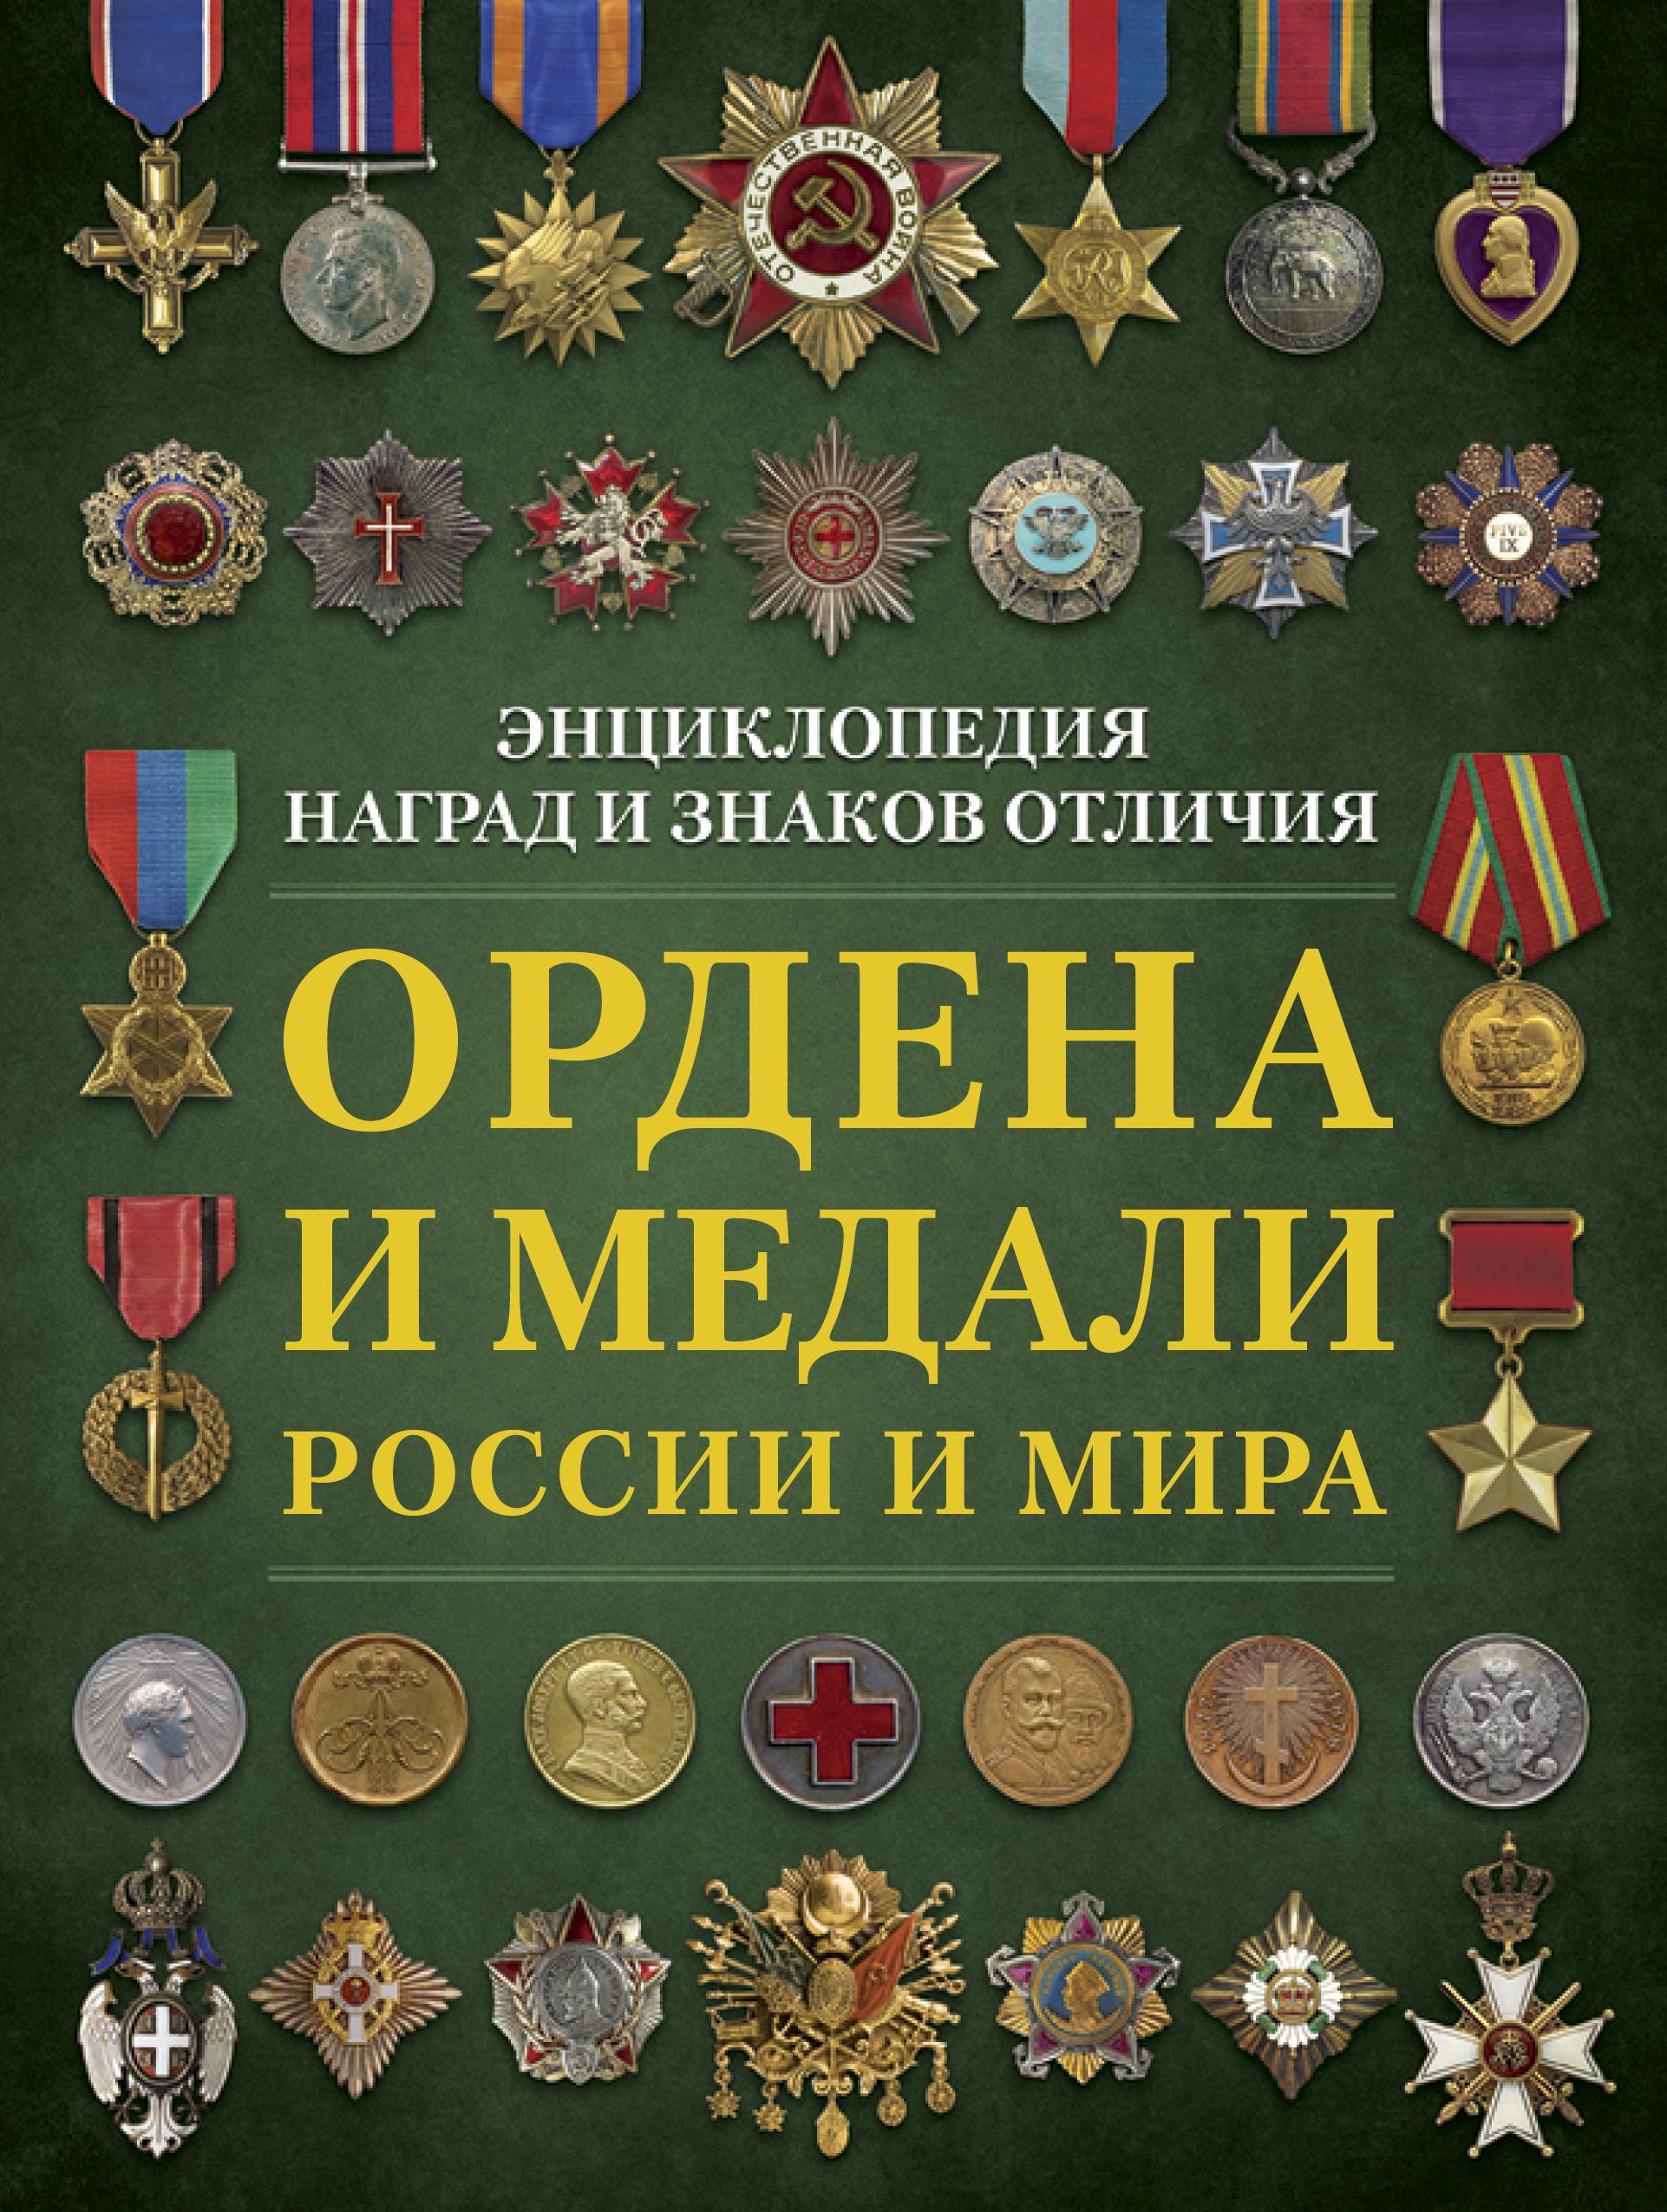 Волковский Н.Л. Ордена и медали России и мира н л волковский ордена и медали россии и мира